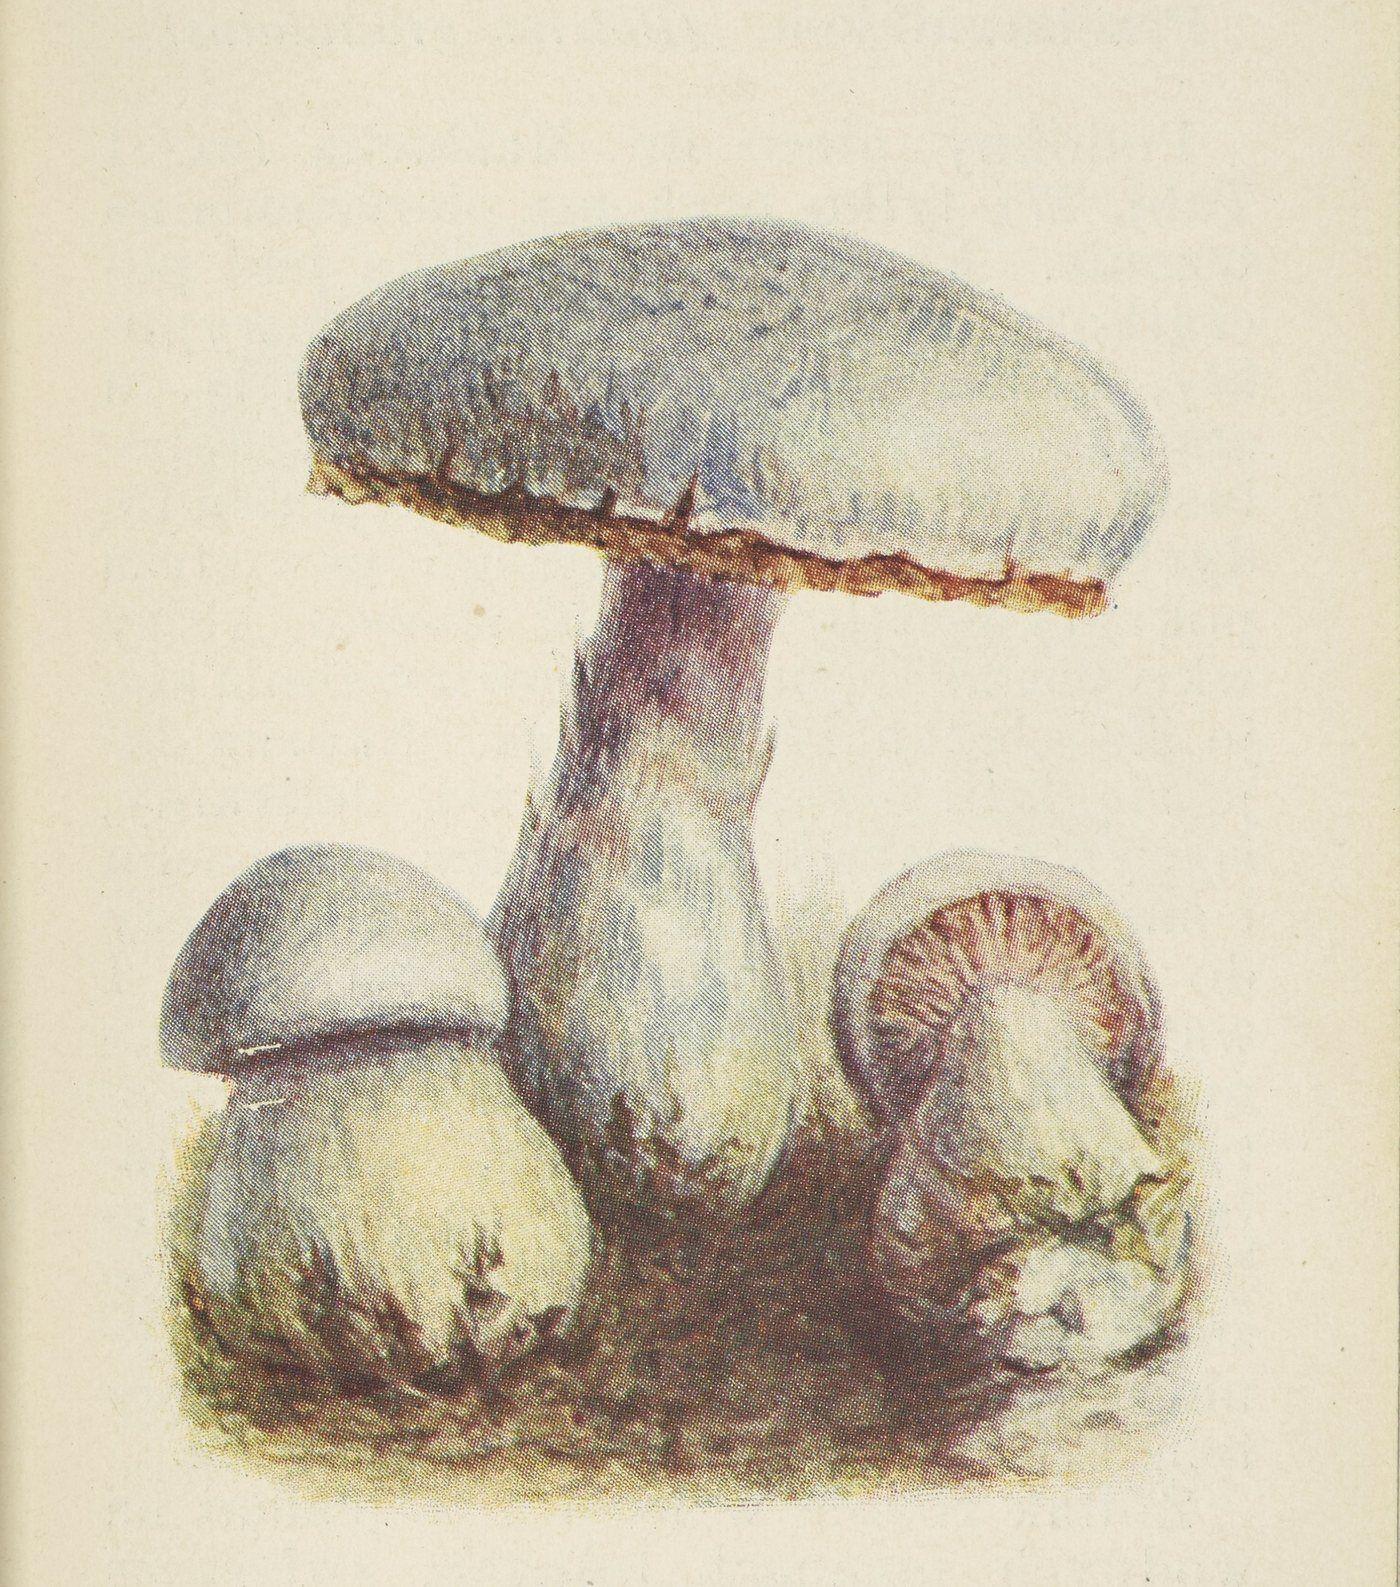 Jeszcze do niedawna nie zdawano sobie spawy z tego, jak niebezpieczne dla zdrowia może być jedzenie tłustocha. Ilustracja z atlasu grzybów wydanego w 1905 roku.